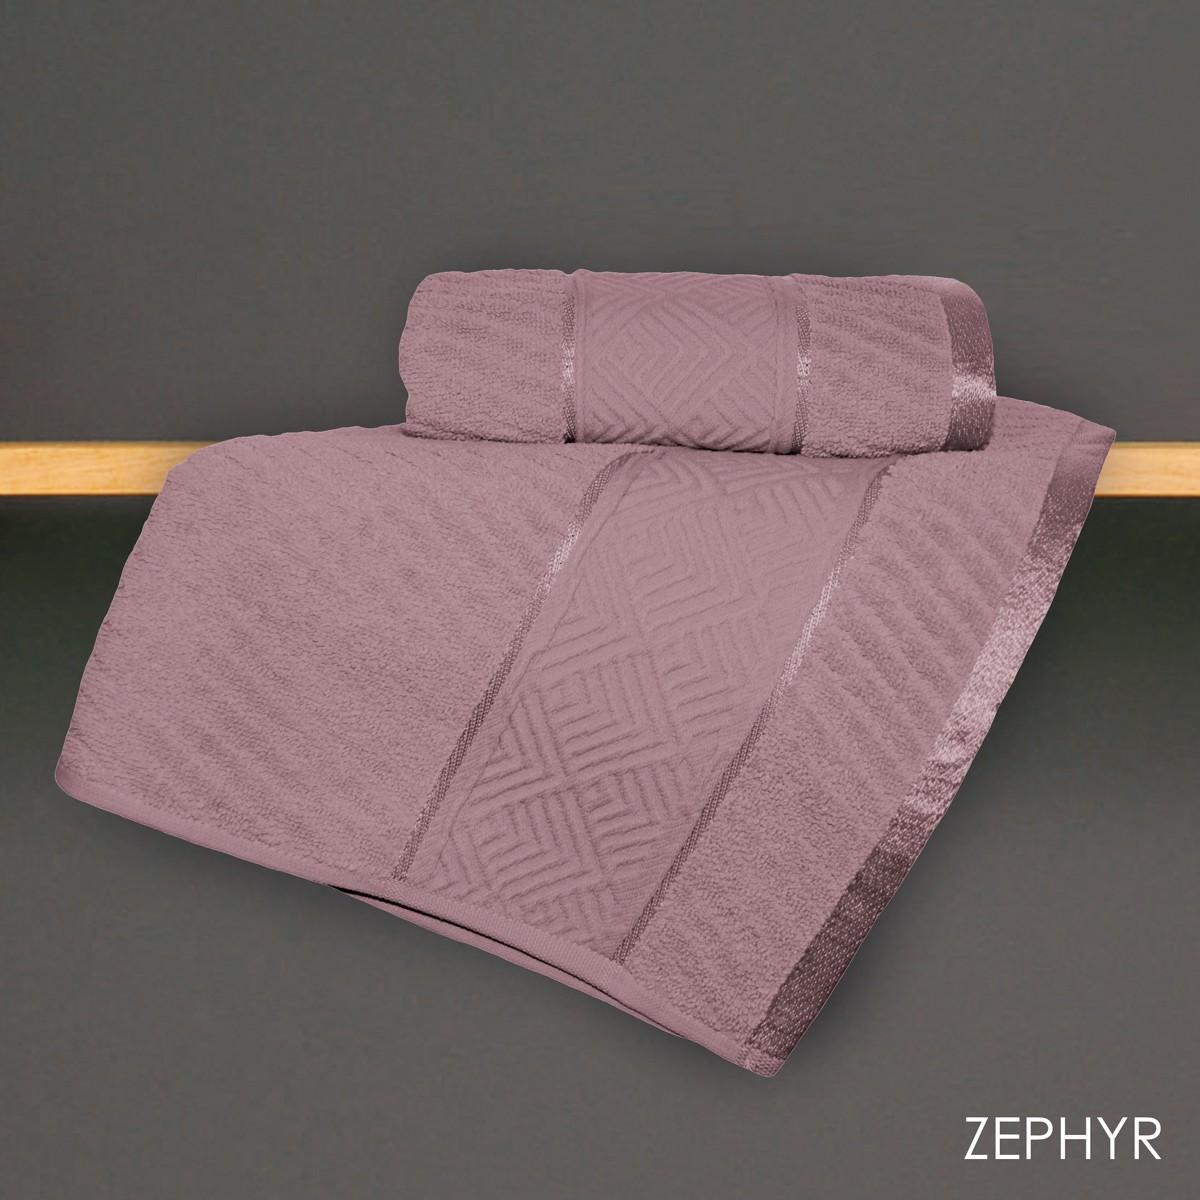 Πετσέτα Προσώπου (50x90) V19.69 Mimoza Zephyr